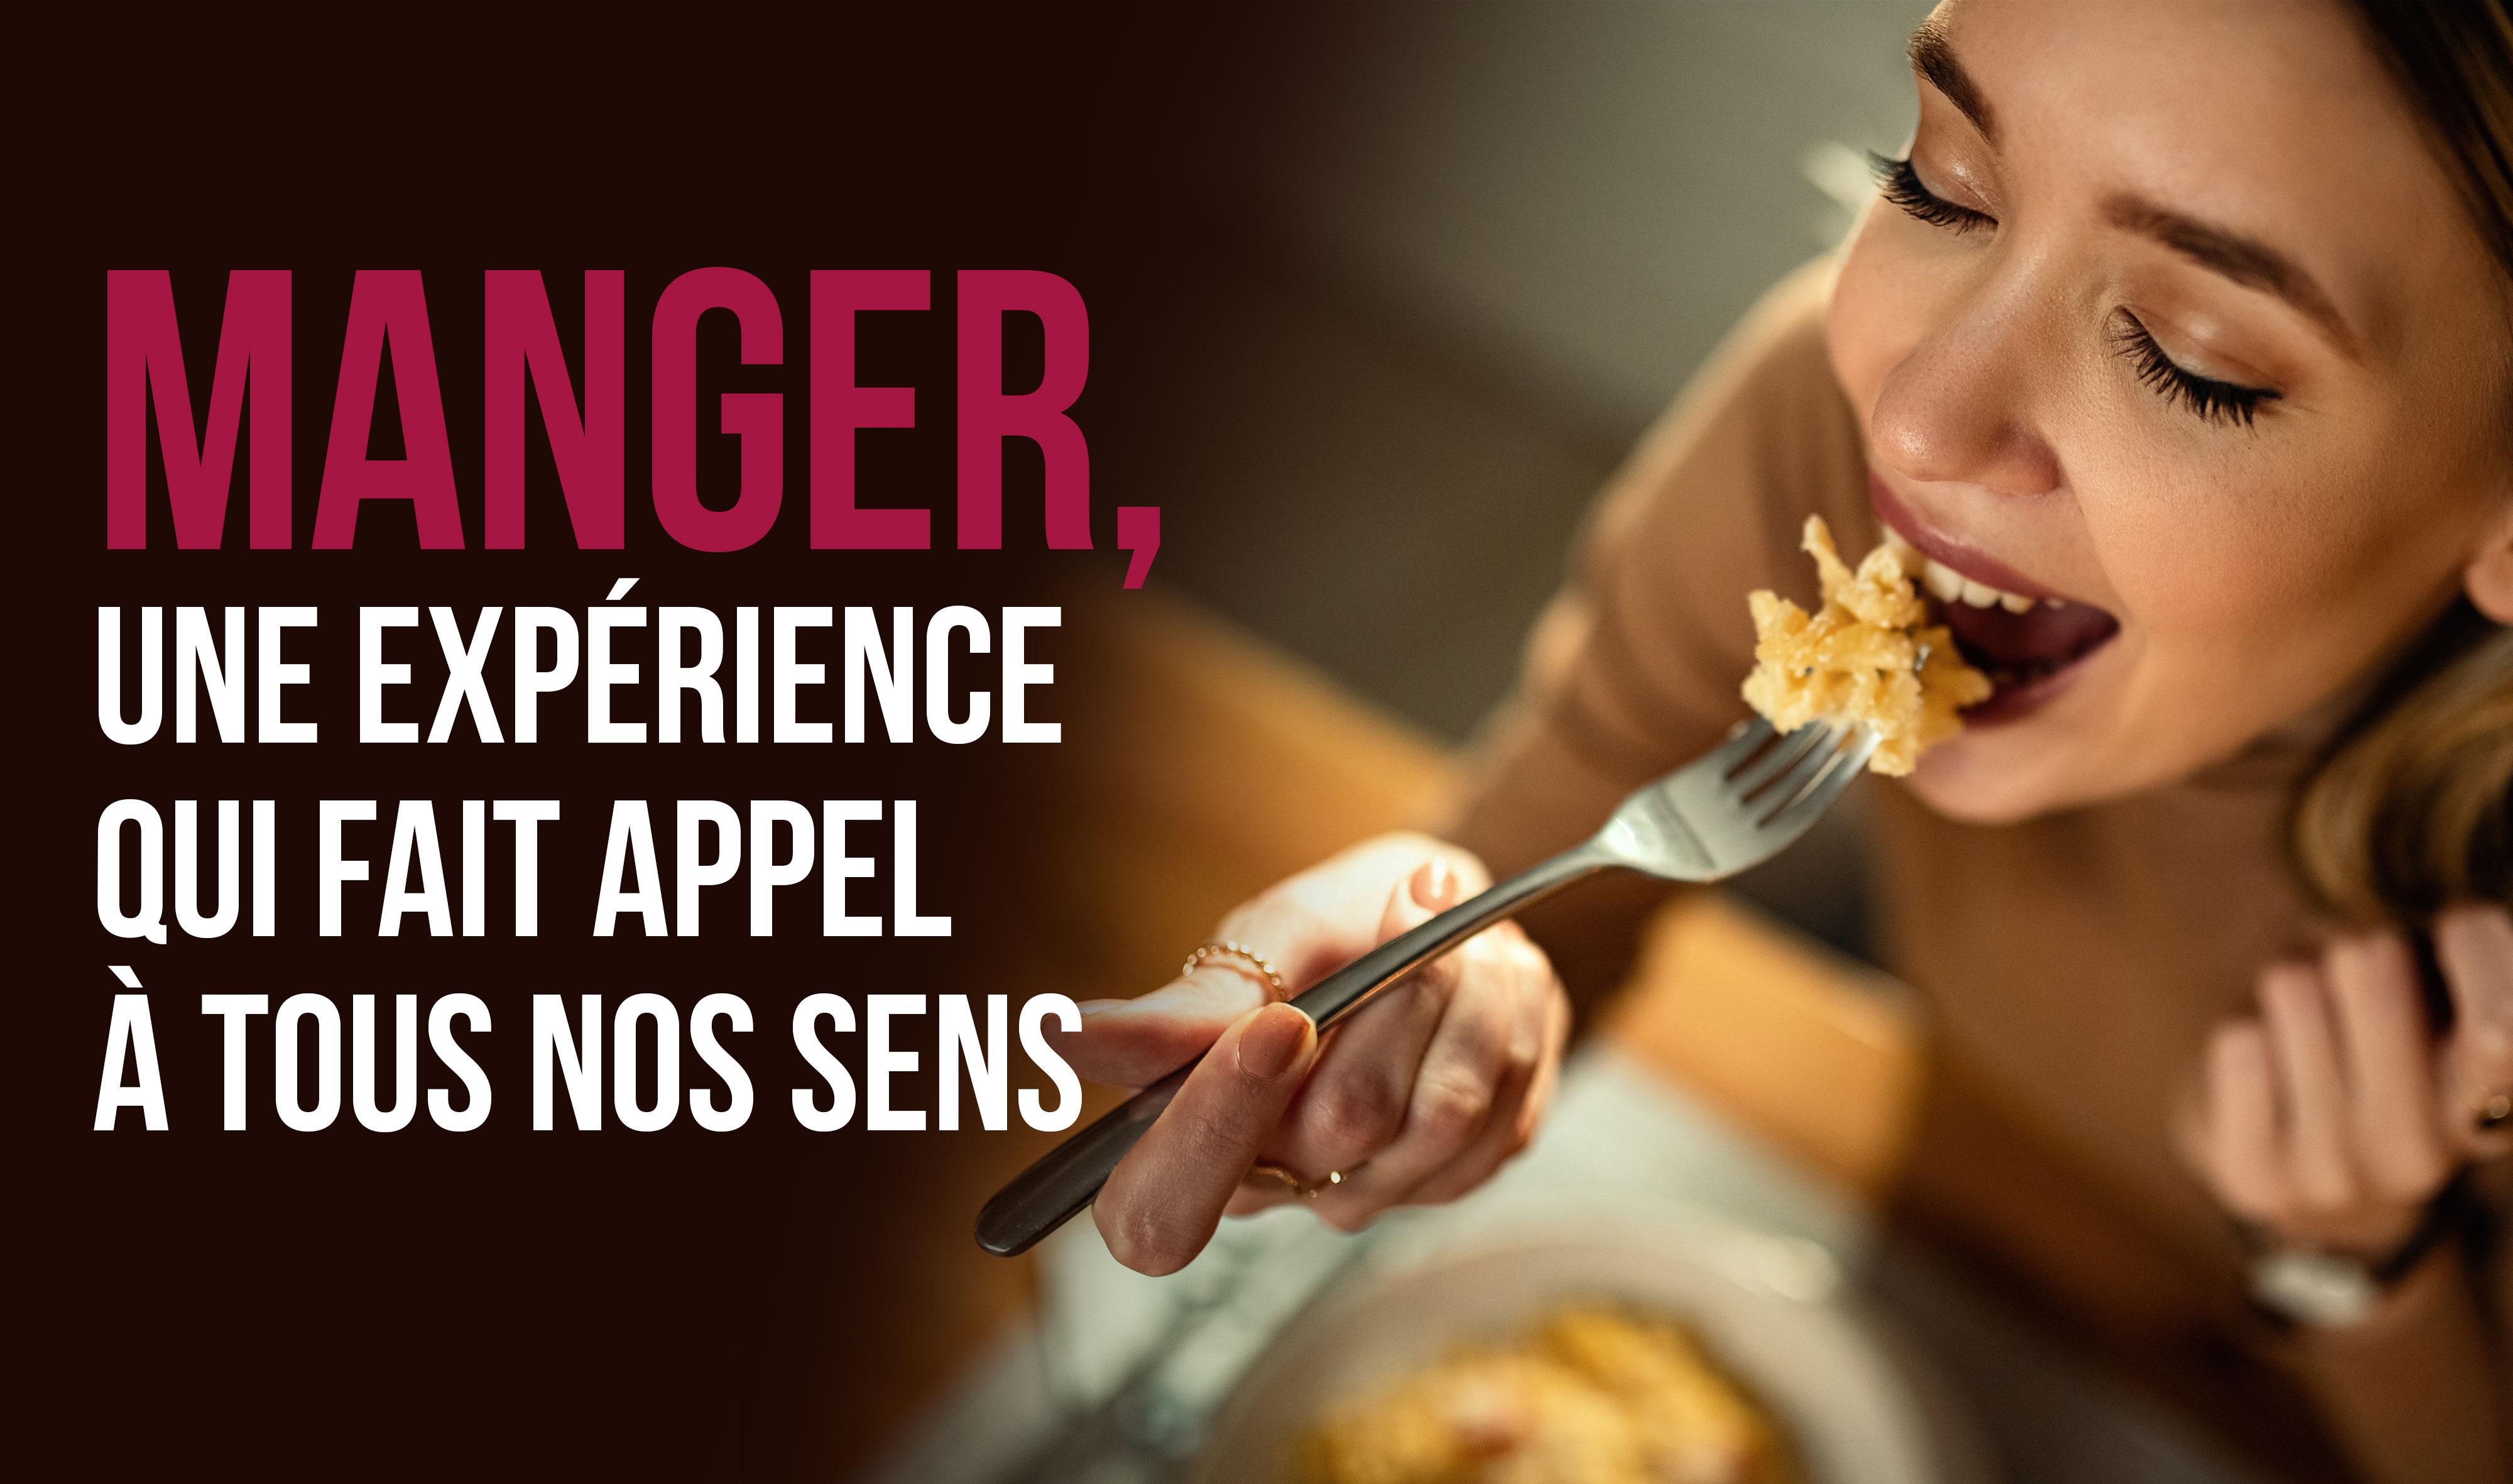 Manger, une expérience qui fait appel à tous nos sens